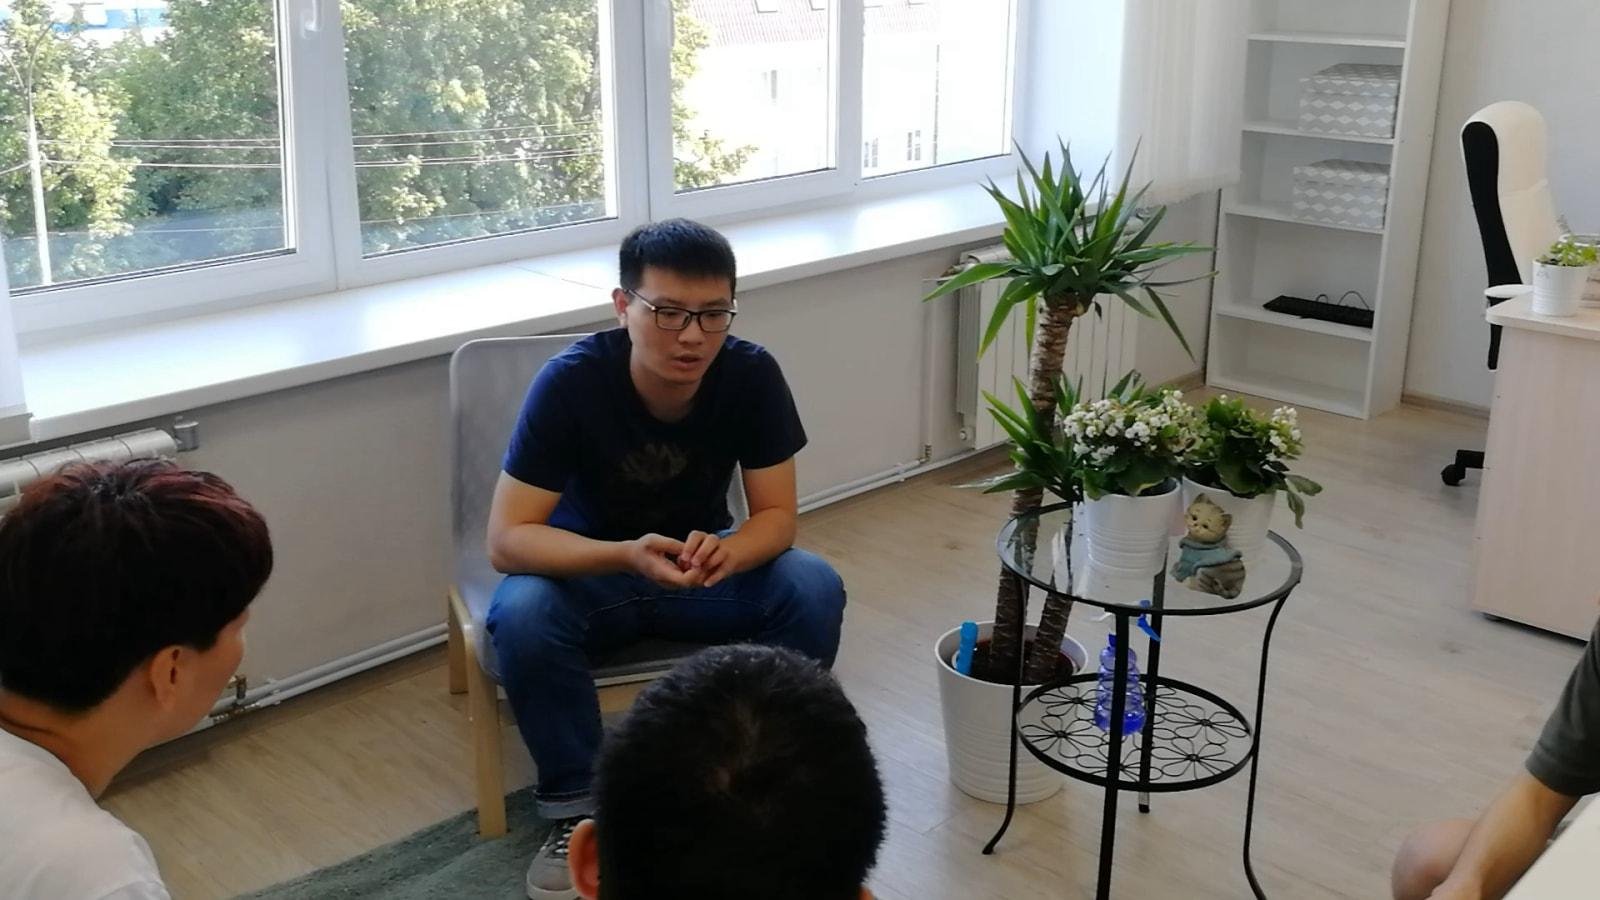 学生家长带孩子来俄罗斯参观考察俄罗斯大学,并为俄罗斯留学做准备